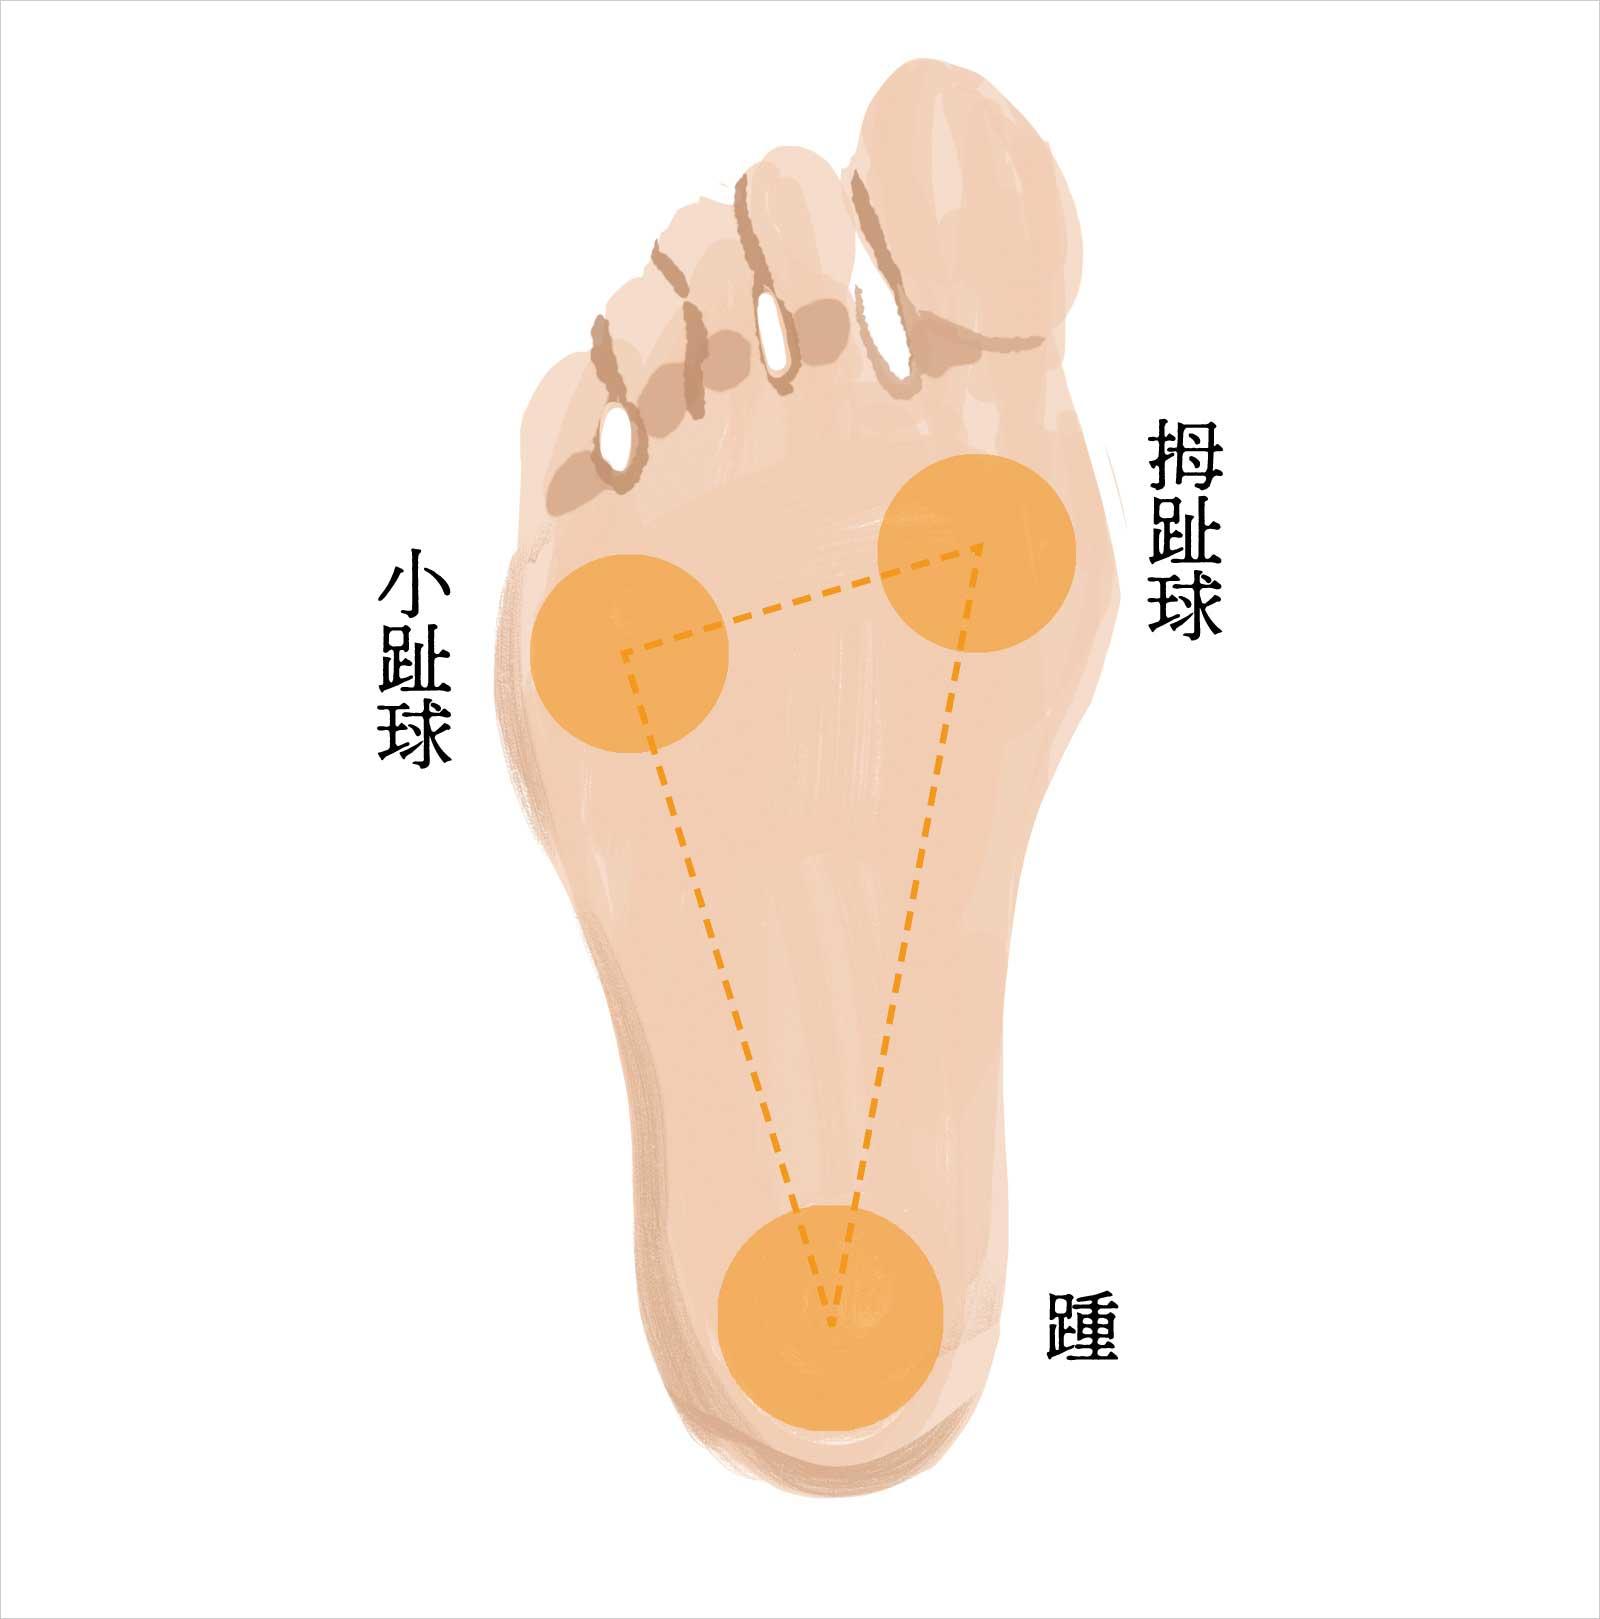 もうひとつの軸は足の裏にあり?